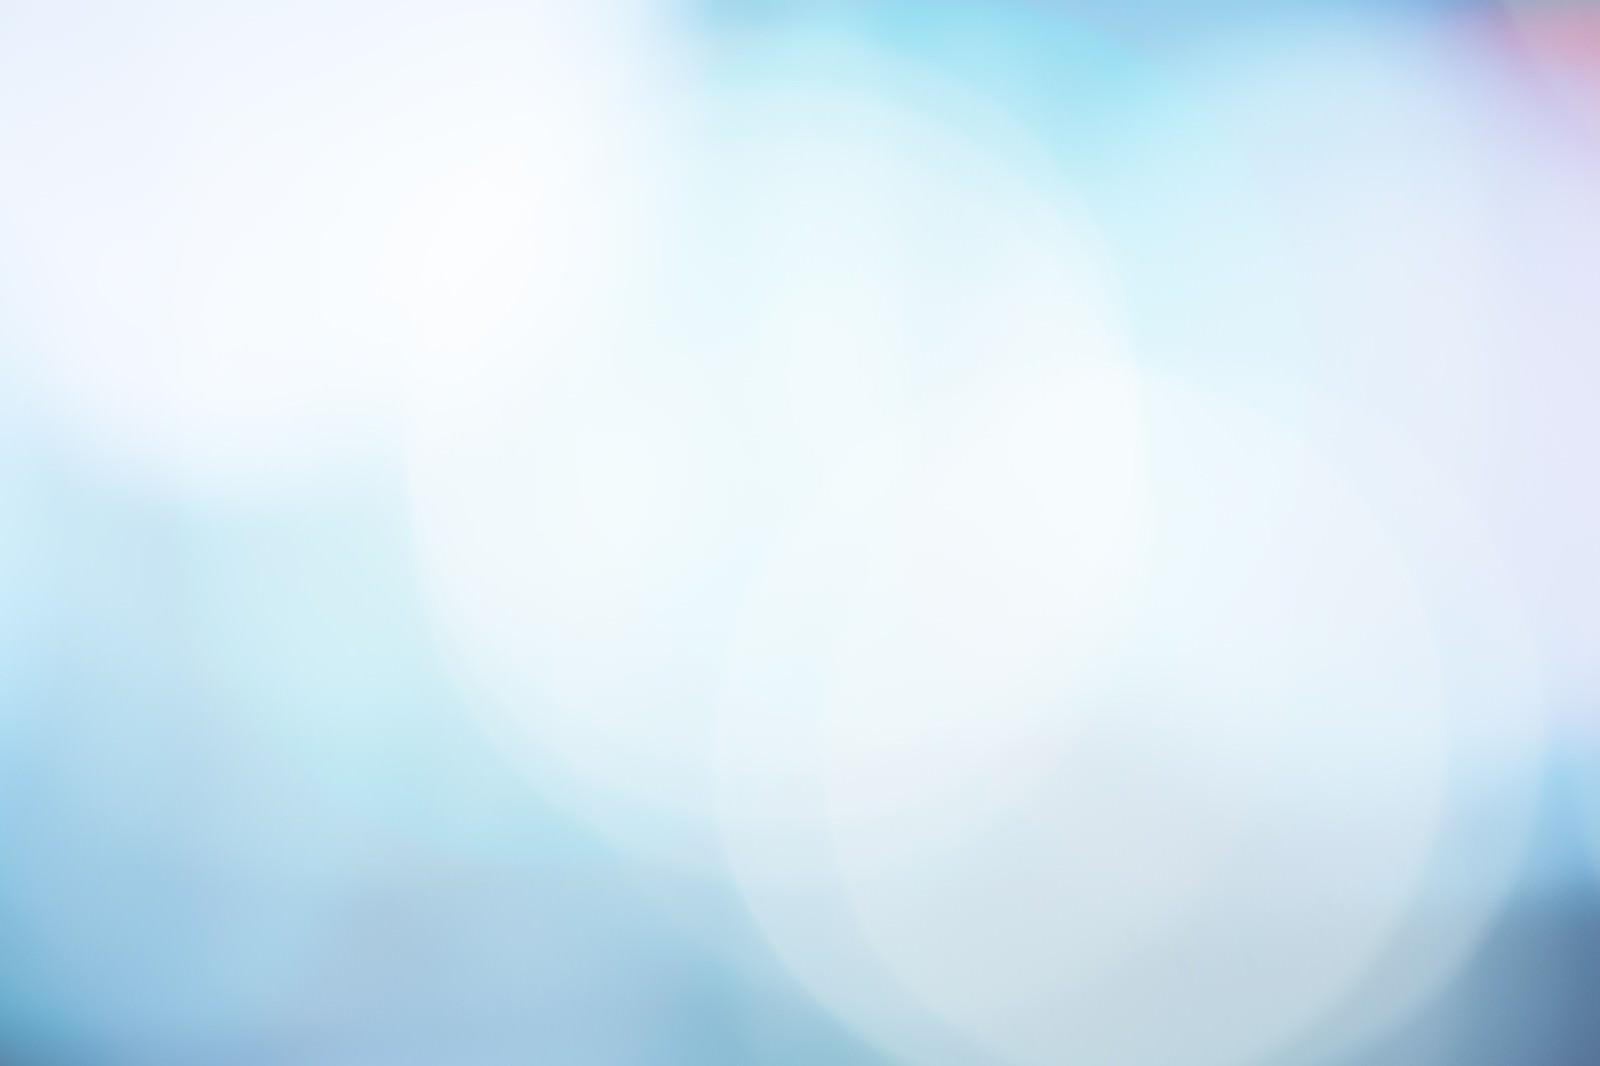 青く冷たい光のボケ(背景)|ぱくたそフリー素材